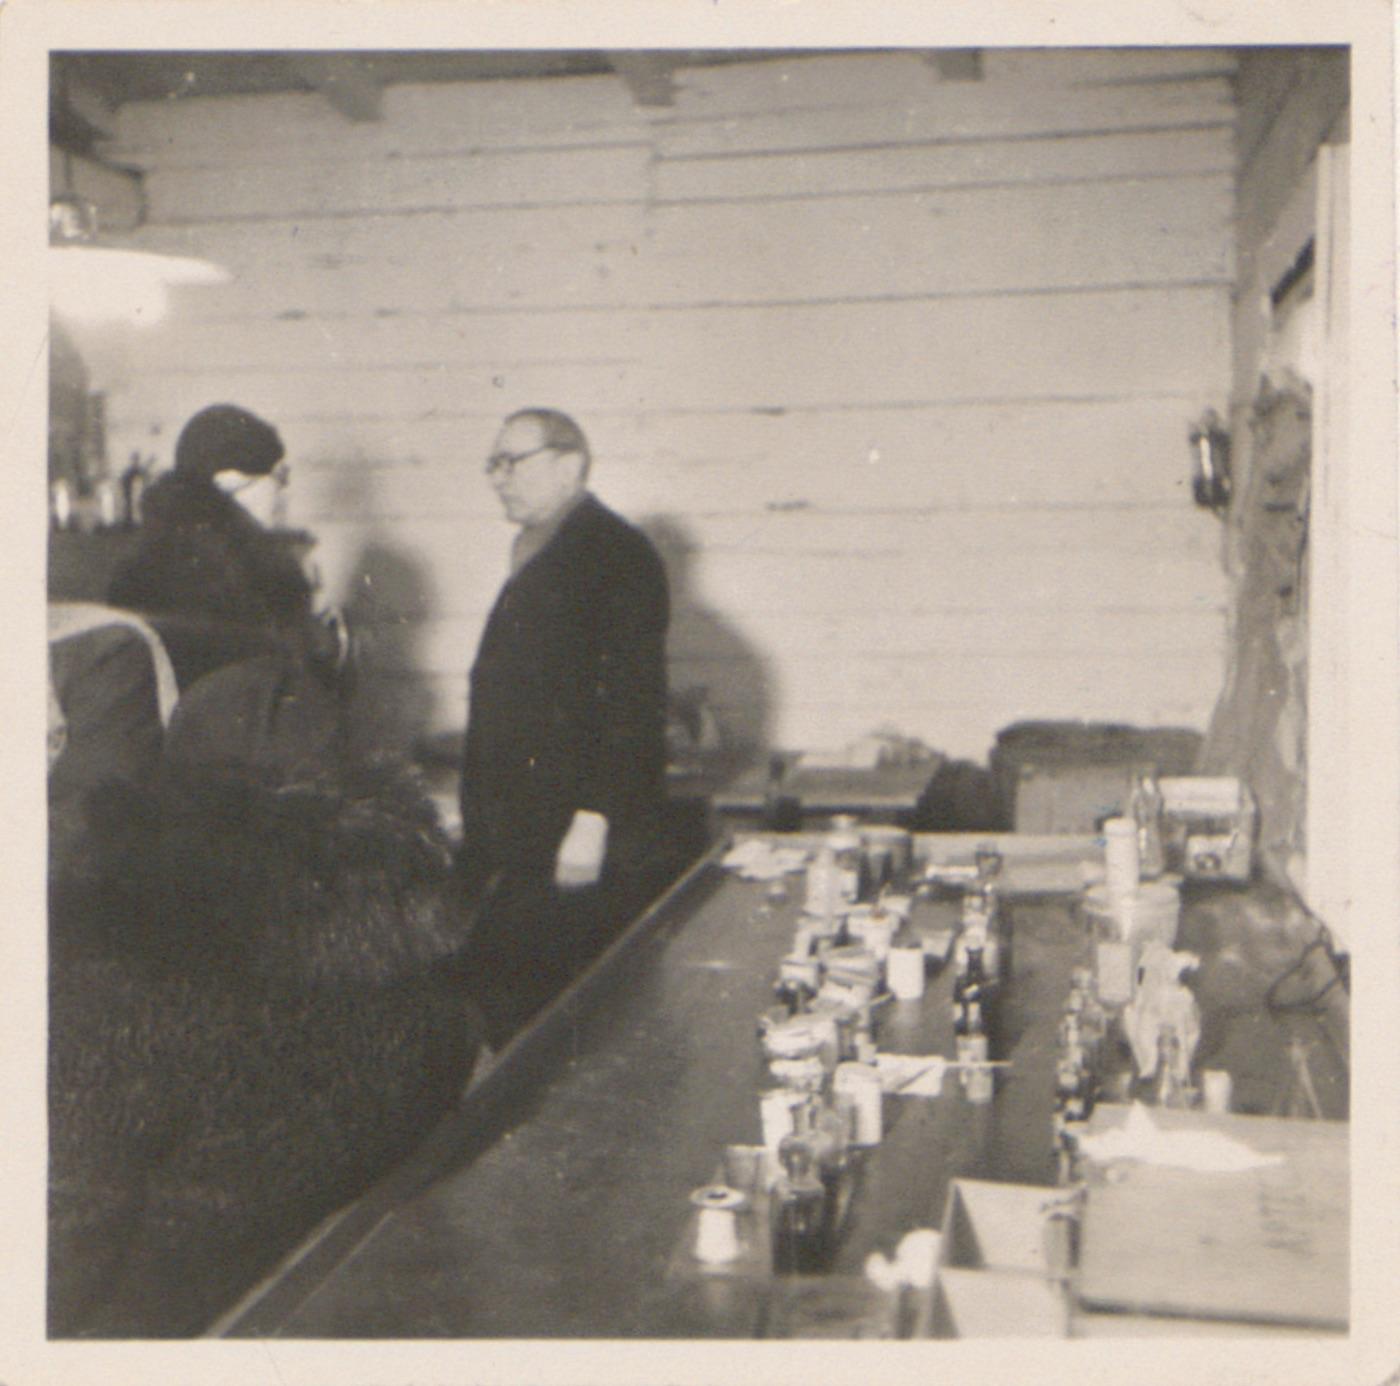 Przychodnia lekarska w obozie Lager Glowna. Ze zbiorów Instytutu Zachodniego im. Zygmunta Wojciechowskiego w Poznaniu. Niemiecki nazistowski obóz przesiedleńczy, działających w latach 1939-1940, zorganizowany dla ludności wysiedlanej z terenu Poznania i Wielkopolski. Na pomieszczenia obozowe wybrano zabudowania położone na Głównej przy ul. Bałtyckiej, gdzie do września 1939 roku mieściły się magazyny wojskowe. W skład obozu wchodziło pięć baraków (w tym trzy drewniane), a także murowany budynek administracji niemieckiej oraz zabudowania gospodarcze. Cały teren, łącznie z dużym placem, znajdującym się pośrodku, otoczony był potrójnym płotem z drutu kolczastego, a w jego narożnikach stały wieże wartownicze z reflektorami. W okresie od 5 listopada 1939 roku do 20 maja 1940 roku w obozie przejściowym na Głównej osadzonych zostało ok. 33 500 osób, z których 32 986 wywieziono do Generalnego Gubernatorstwa. Było wśród nich 31 424 Polaków, 1112 Żydów oraz 450 Romów. Przy ulicy Bałtyckiej, obok skrzyżowania z ul. Chemiczną i ul. Hlonda stoi głaz upamiętniający przesiedleńców.